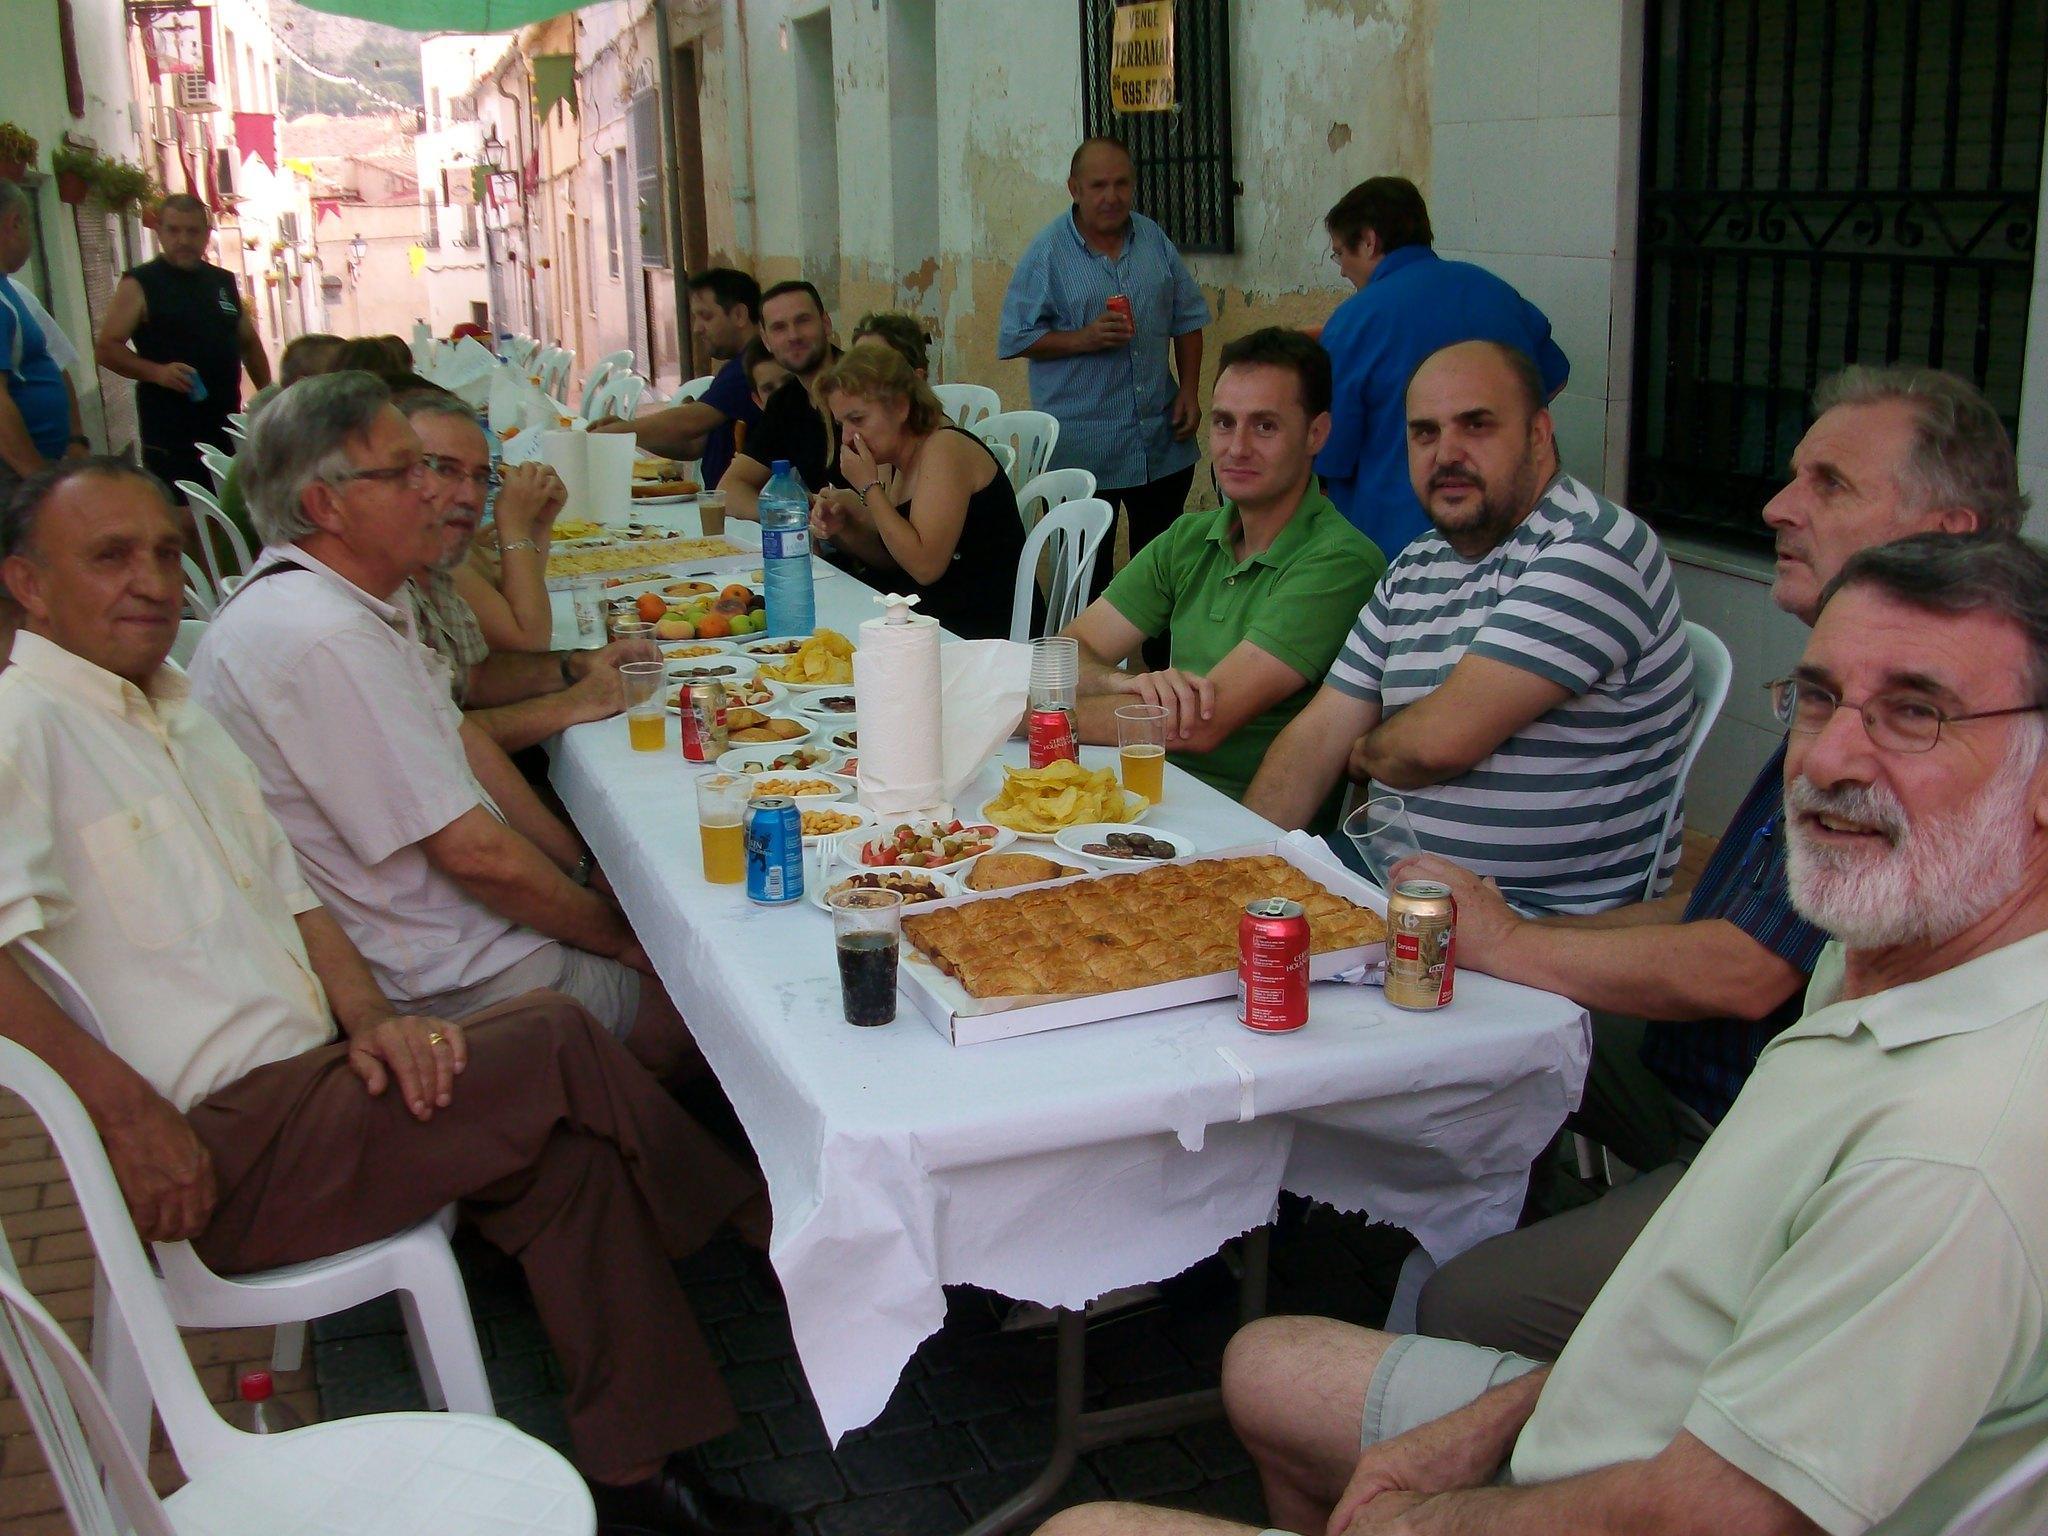 (2011-07-03) Almuerzo calle Cristo - José Vicente Romero Ripoll (01)